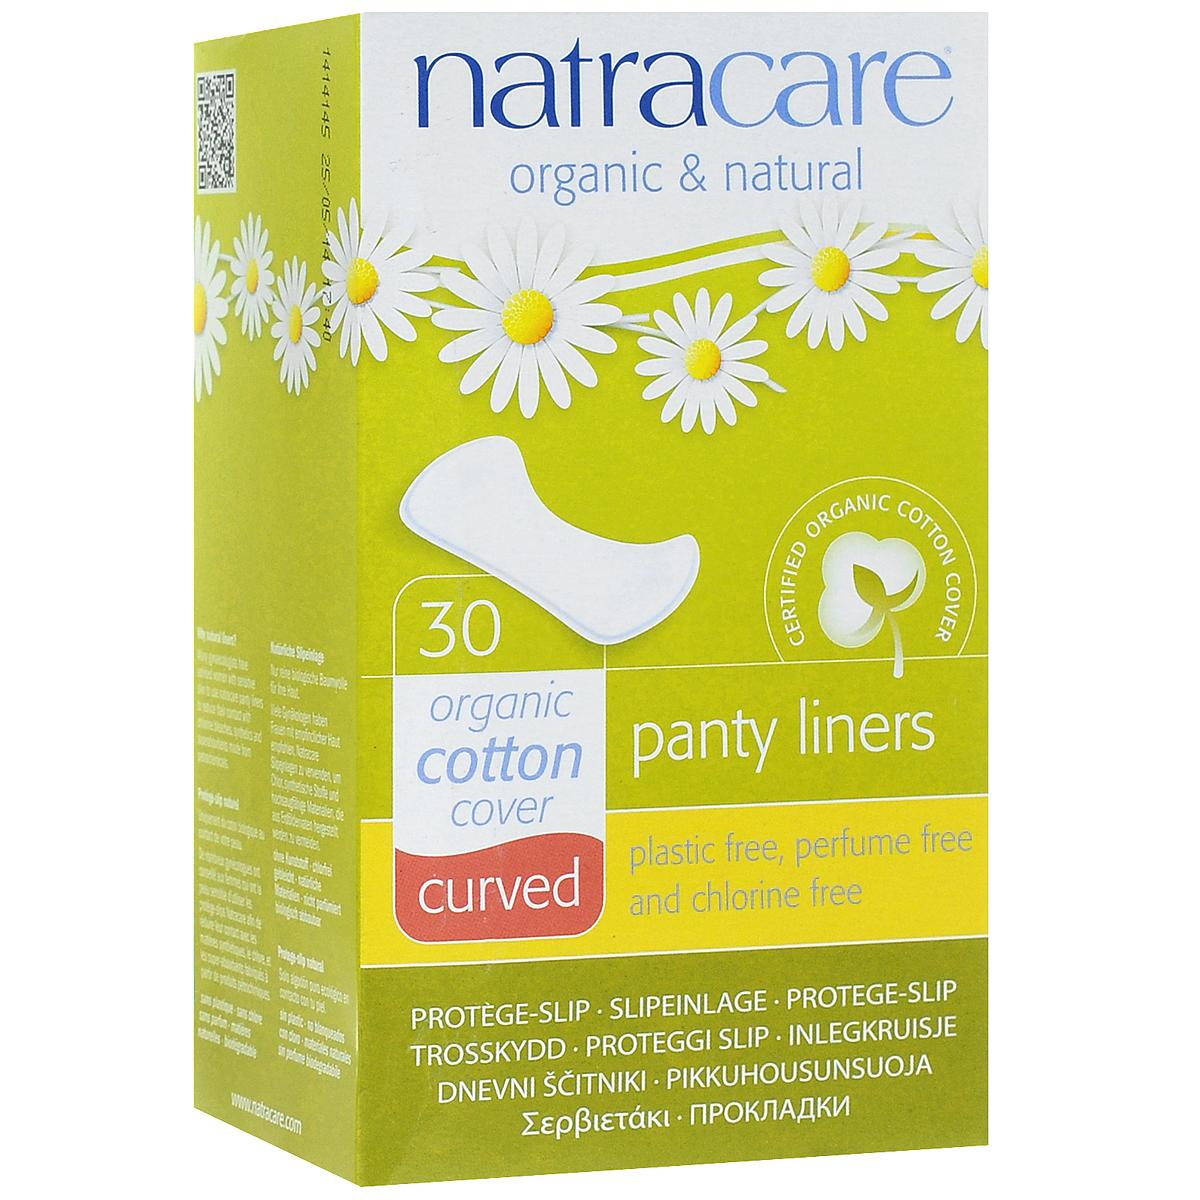 Natracare Ежедневные прокладки Curved, 30 штНС000Прокладки Natracare Curved, повторяющие анатомическую форму тела, предназначены для ежедневного использования, чтобы защитить нижнее белье и сохранить чувство свежести. Каждая прокладка снабжена влагонепроницаемым барьером.Прокладки изготовлены из 100% Био-хлопка - экологически чистого продукта, выращенного без использования пестицидов, не содержат вредные ингредиенты, не отбелены хлором, и полностью разлагаются после применения.В производстве прокладок использовался биопласт - пластик нового поколения, изготовленный из кукурузного крахмала, без ГМО. Он воздухопроницаемый, но не пропускает жидкость. В противоположность обычным пластикам, биопласт изготовлен из растительных материалов и биоразлагается.Товар сертифицирован.